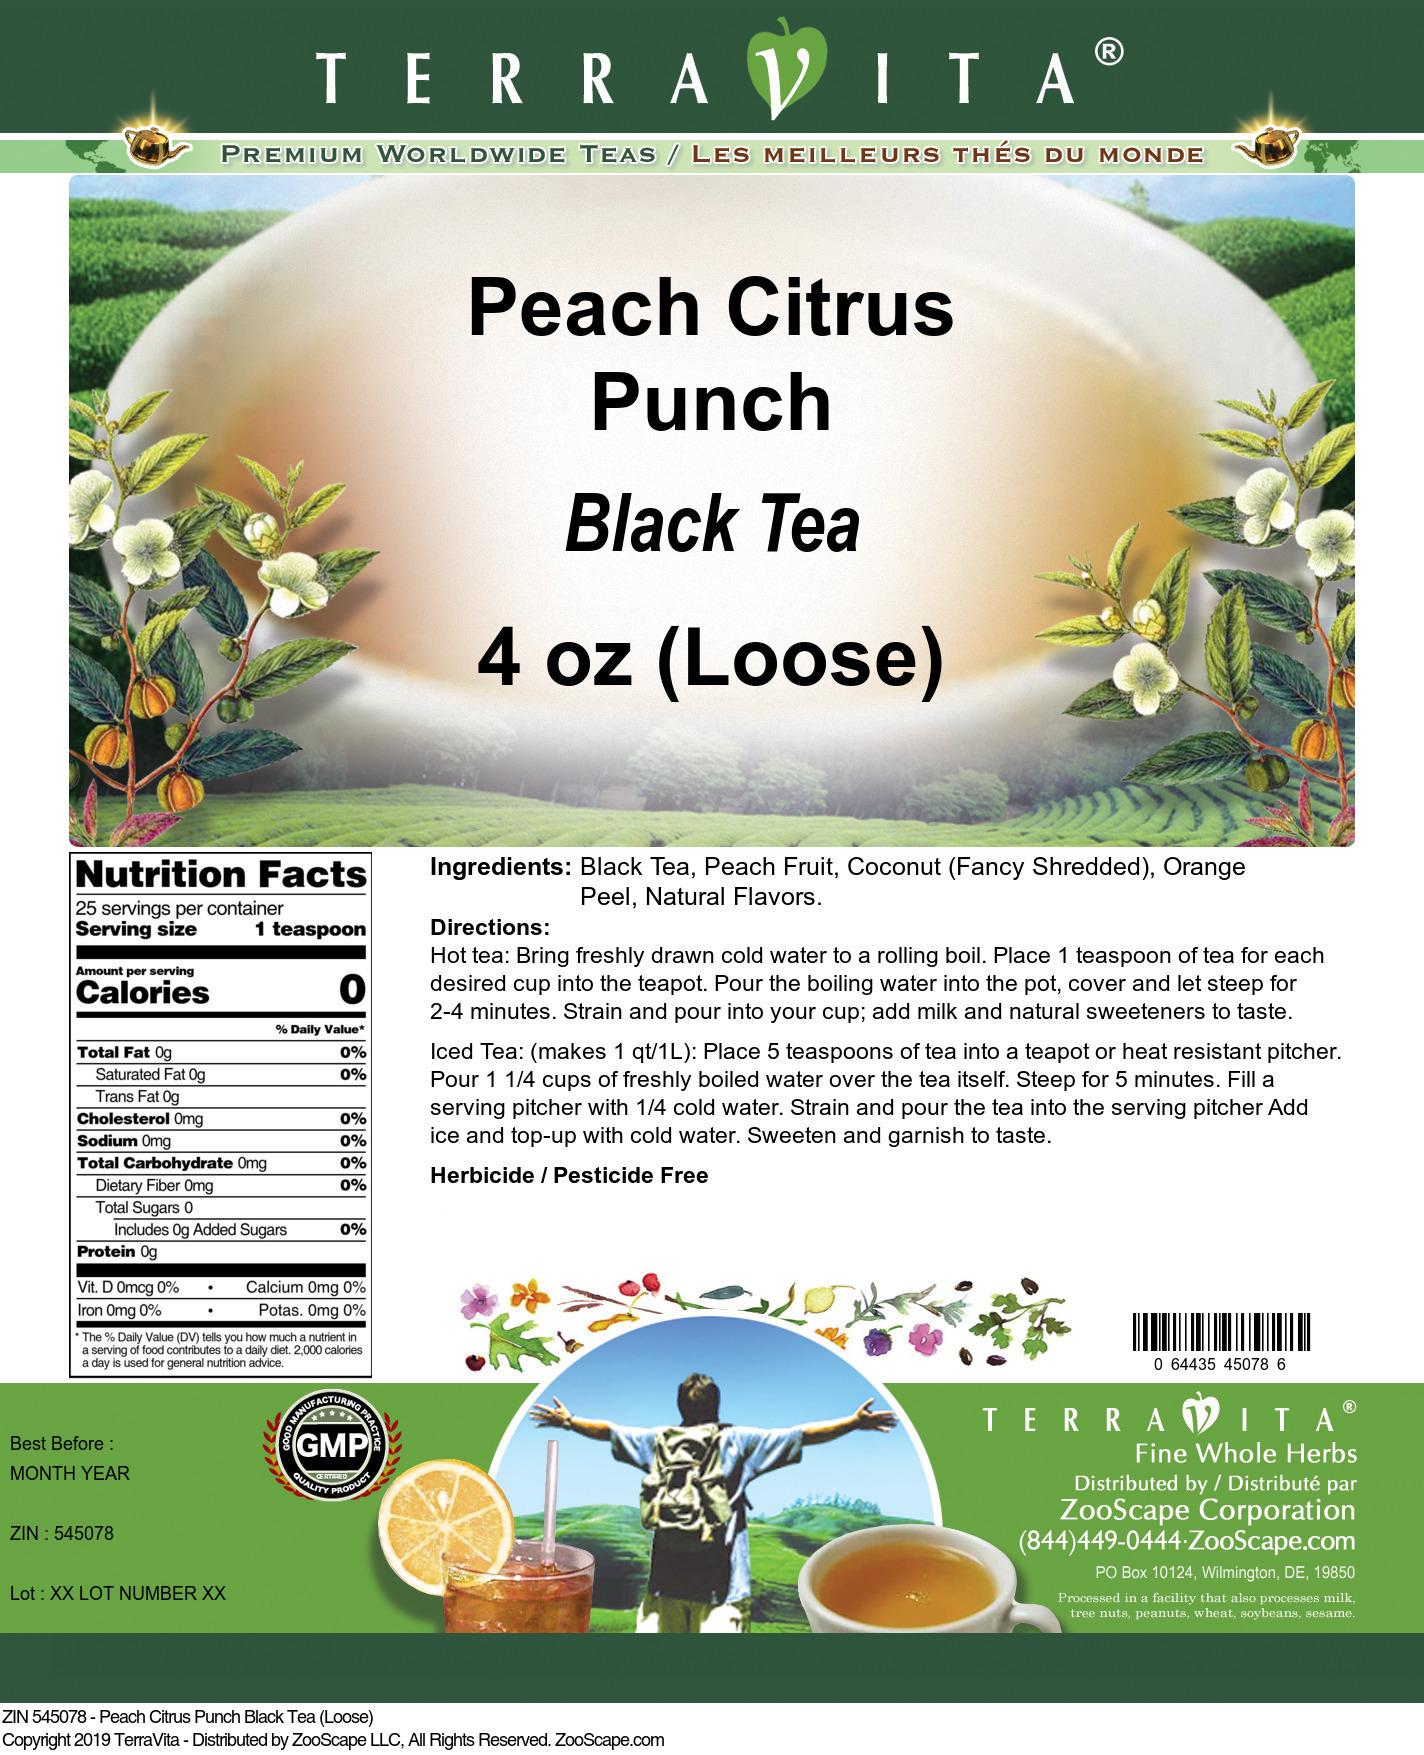 Peach Citrus Punch Black Tea (Loose)